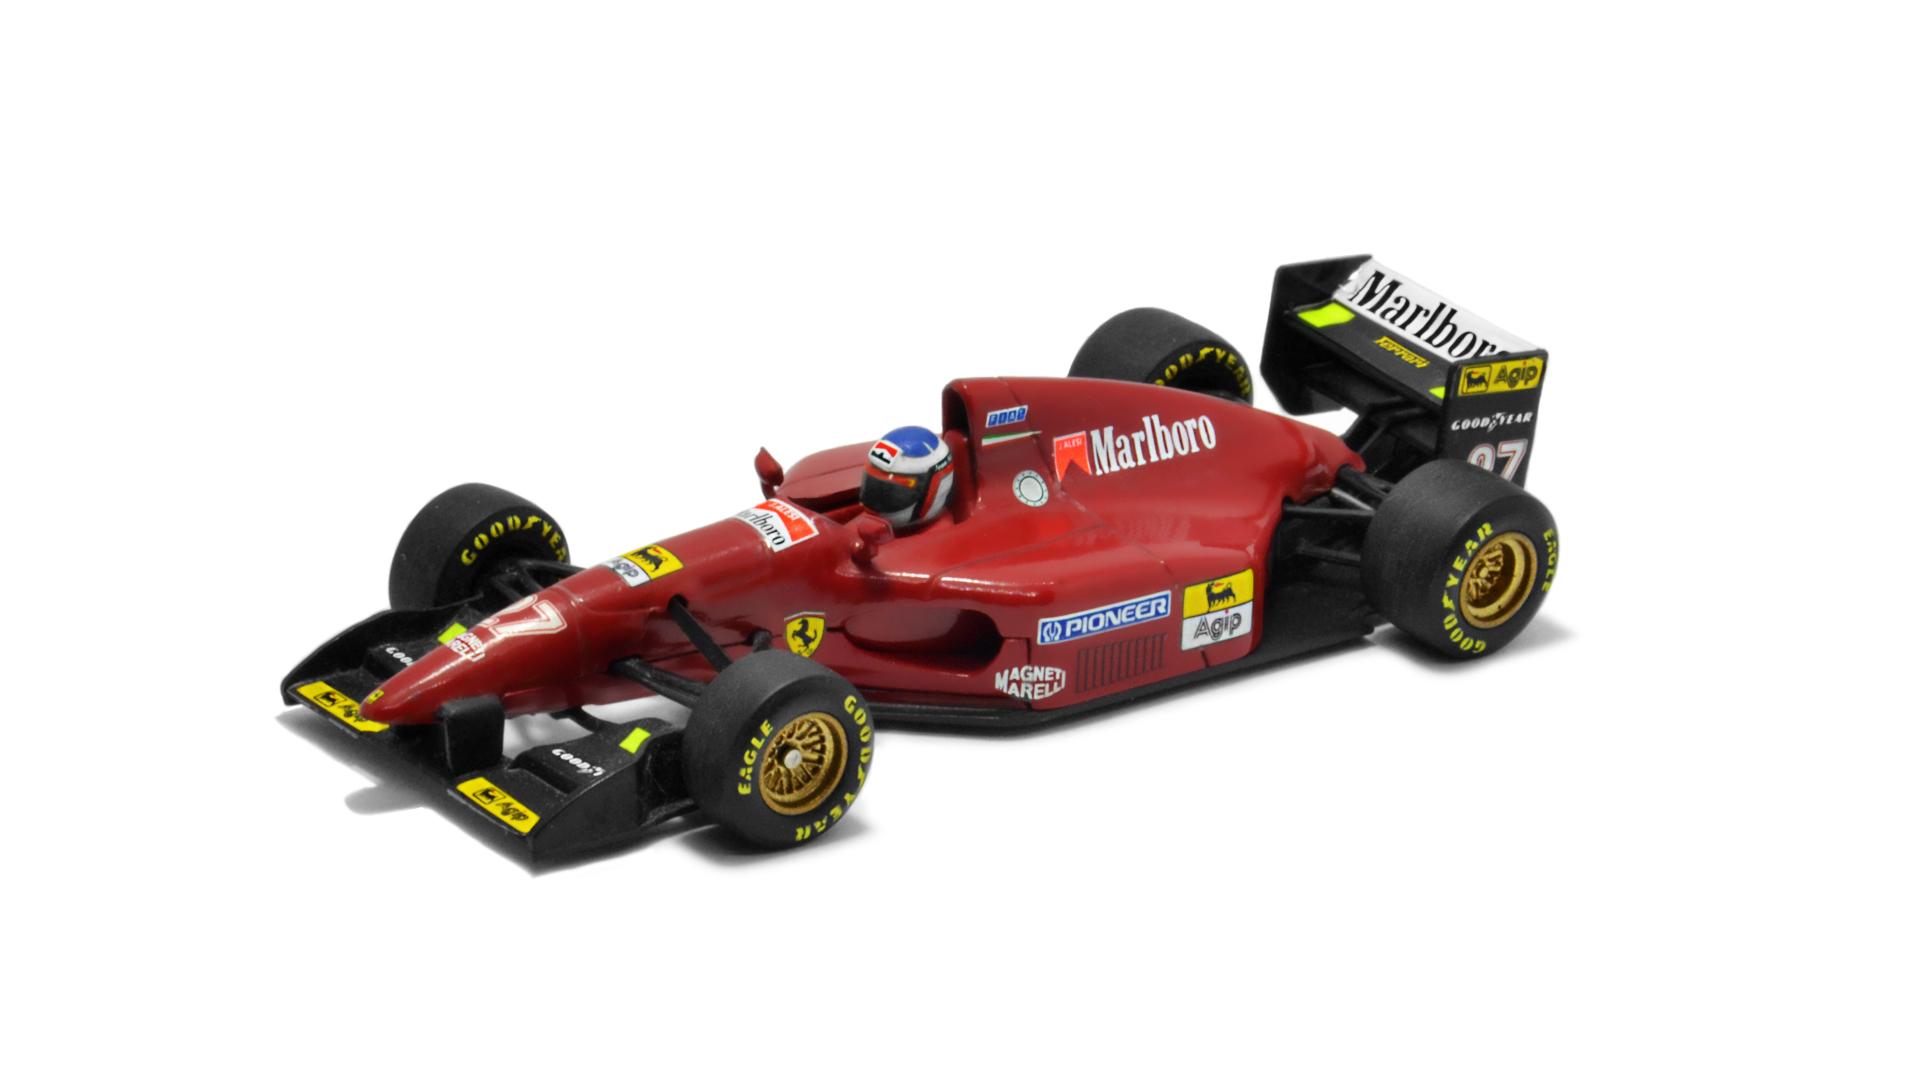 Év: 1994<br />Modell: F412T1<br />Gyártó: Minichamps<br />Pilóta: Jean Alesi